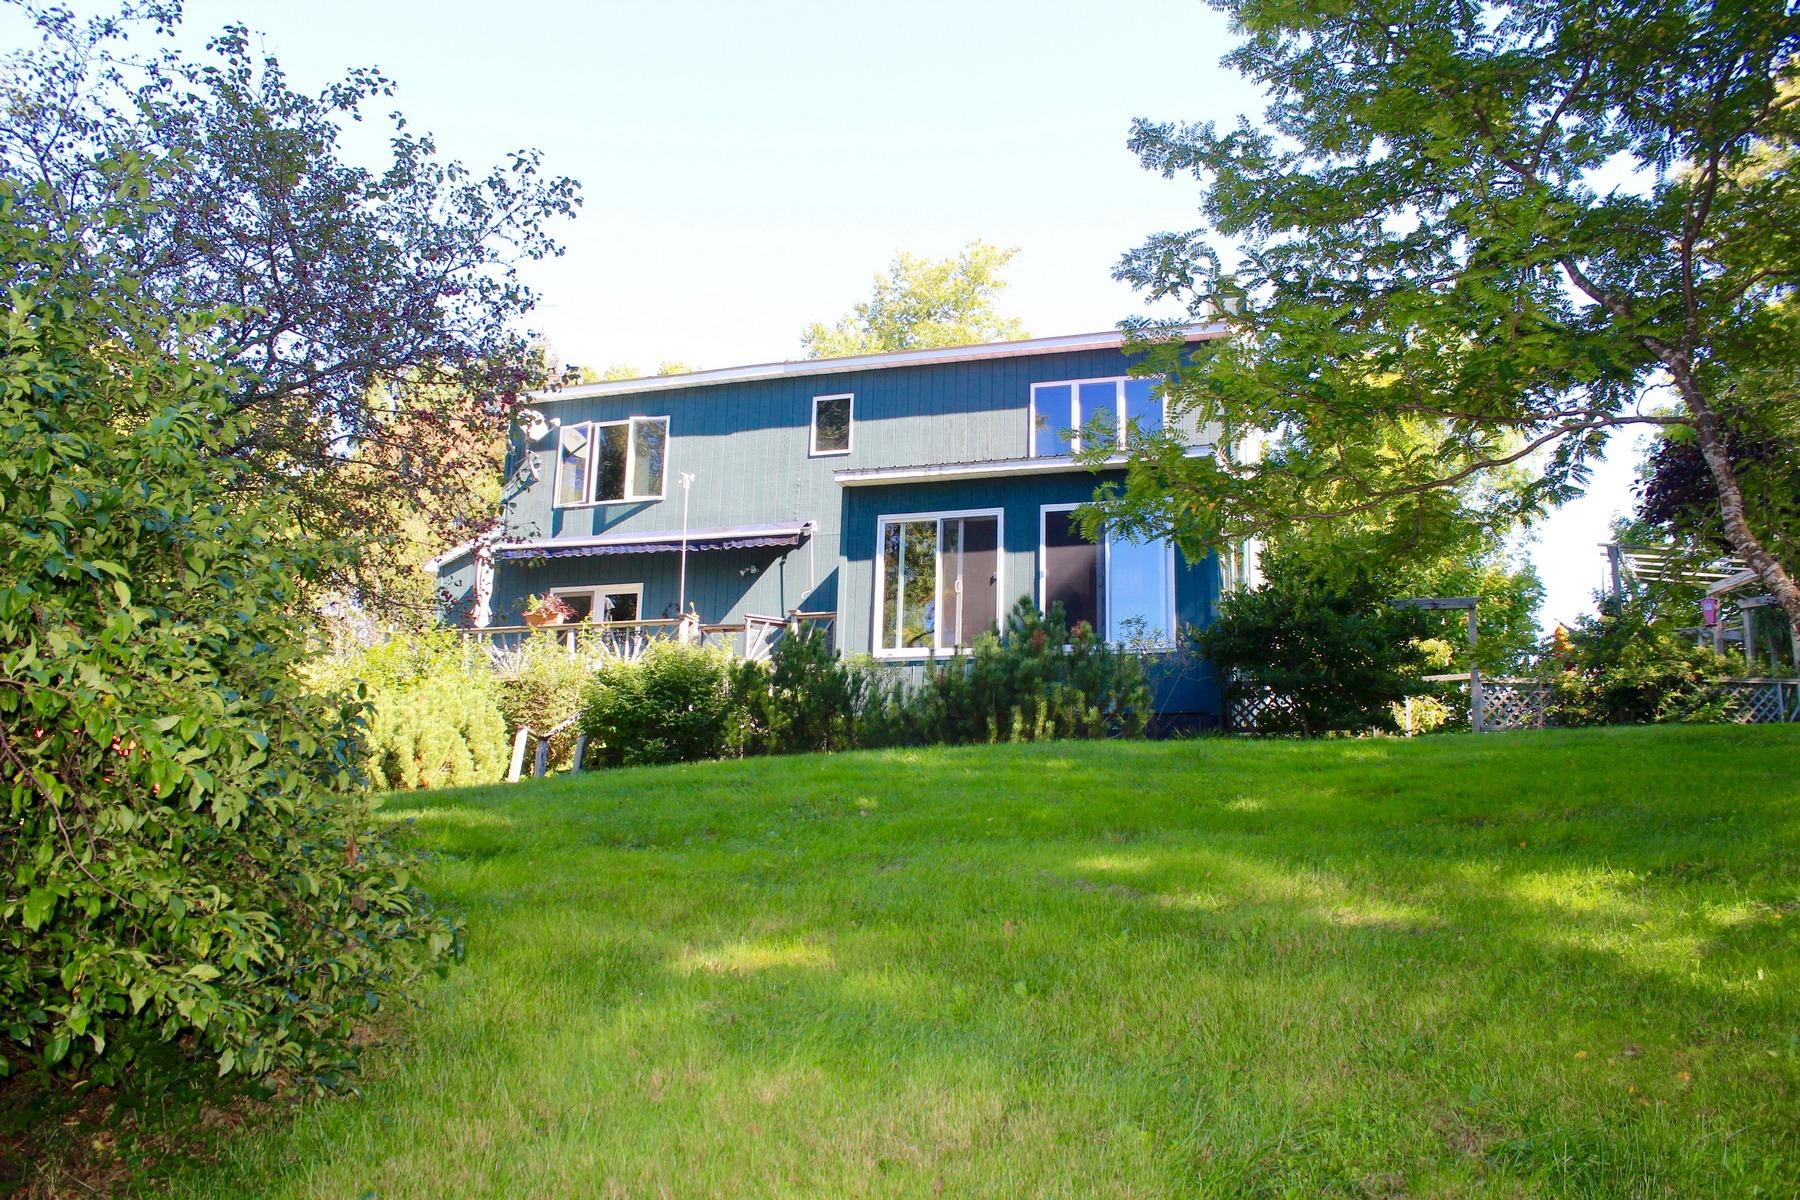 단독 가정 주택 용 매매 에 3400 Healdville Road, Mount Holly 3400 Healdville Rd Mount Holly, 베르몬트, 05730 미국